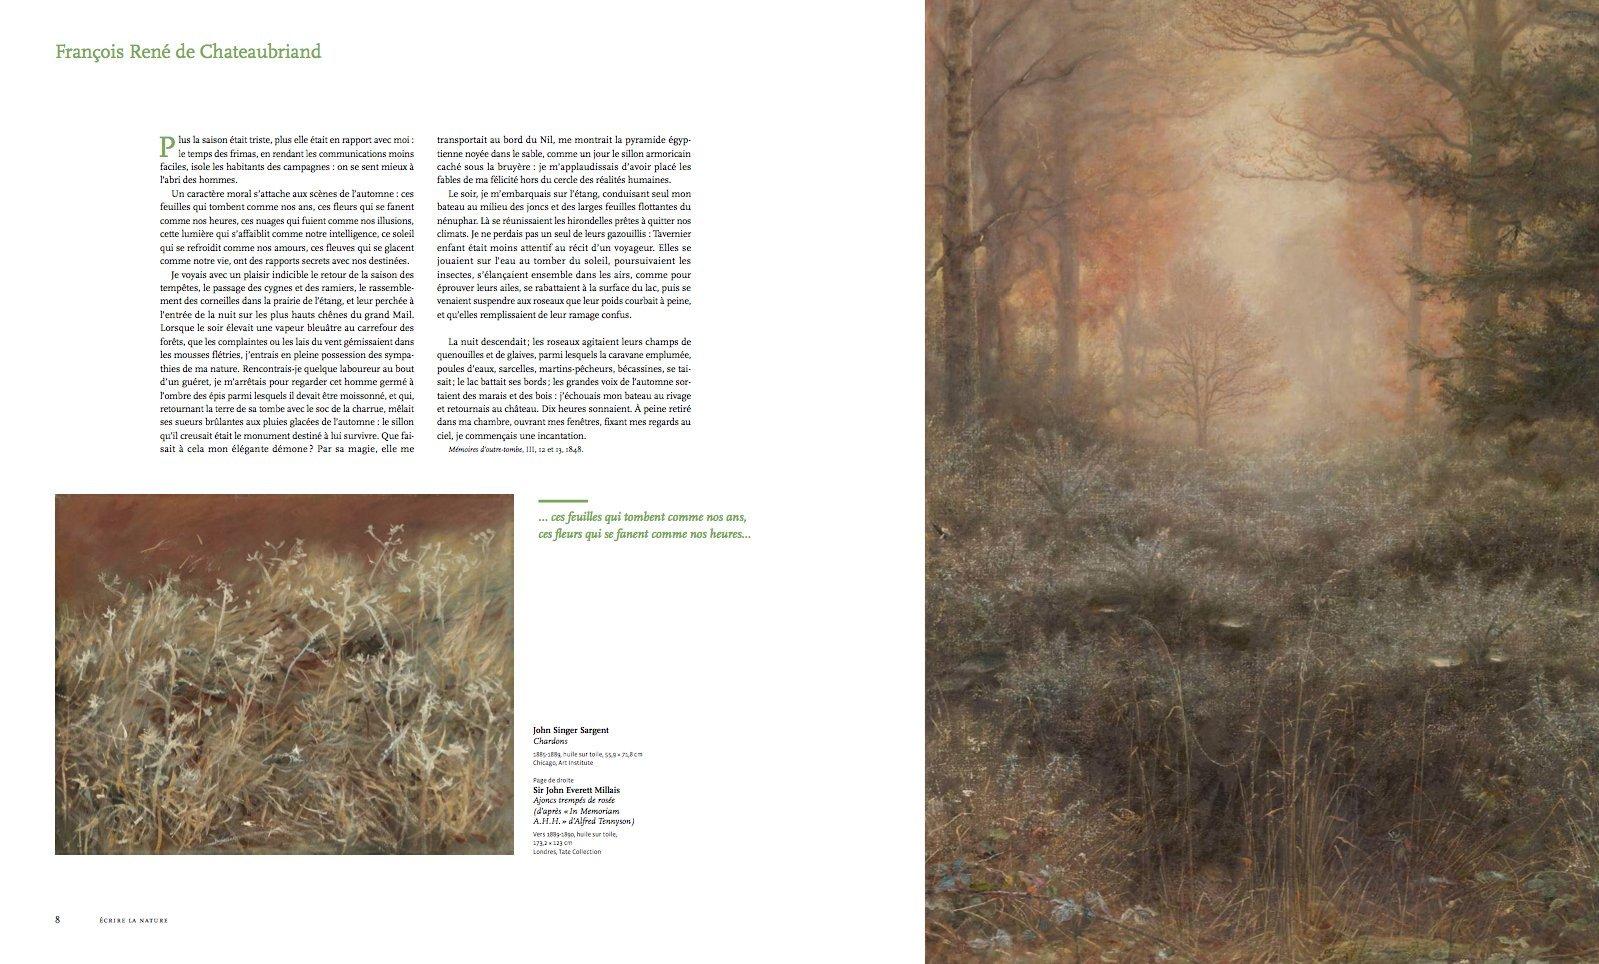 Tras la senda de Thoreau: libros, ensayos, documentales etc de vida salvaje y naturaleza. - Página 2 81iHM74NwlL